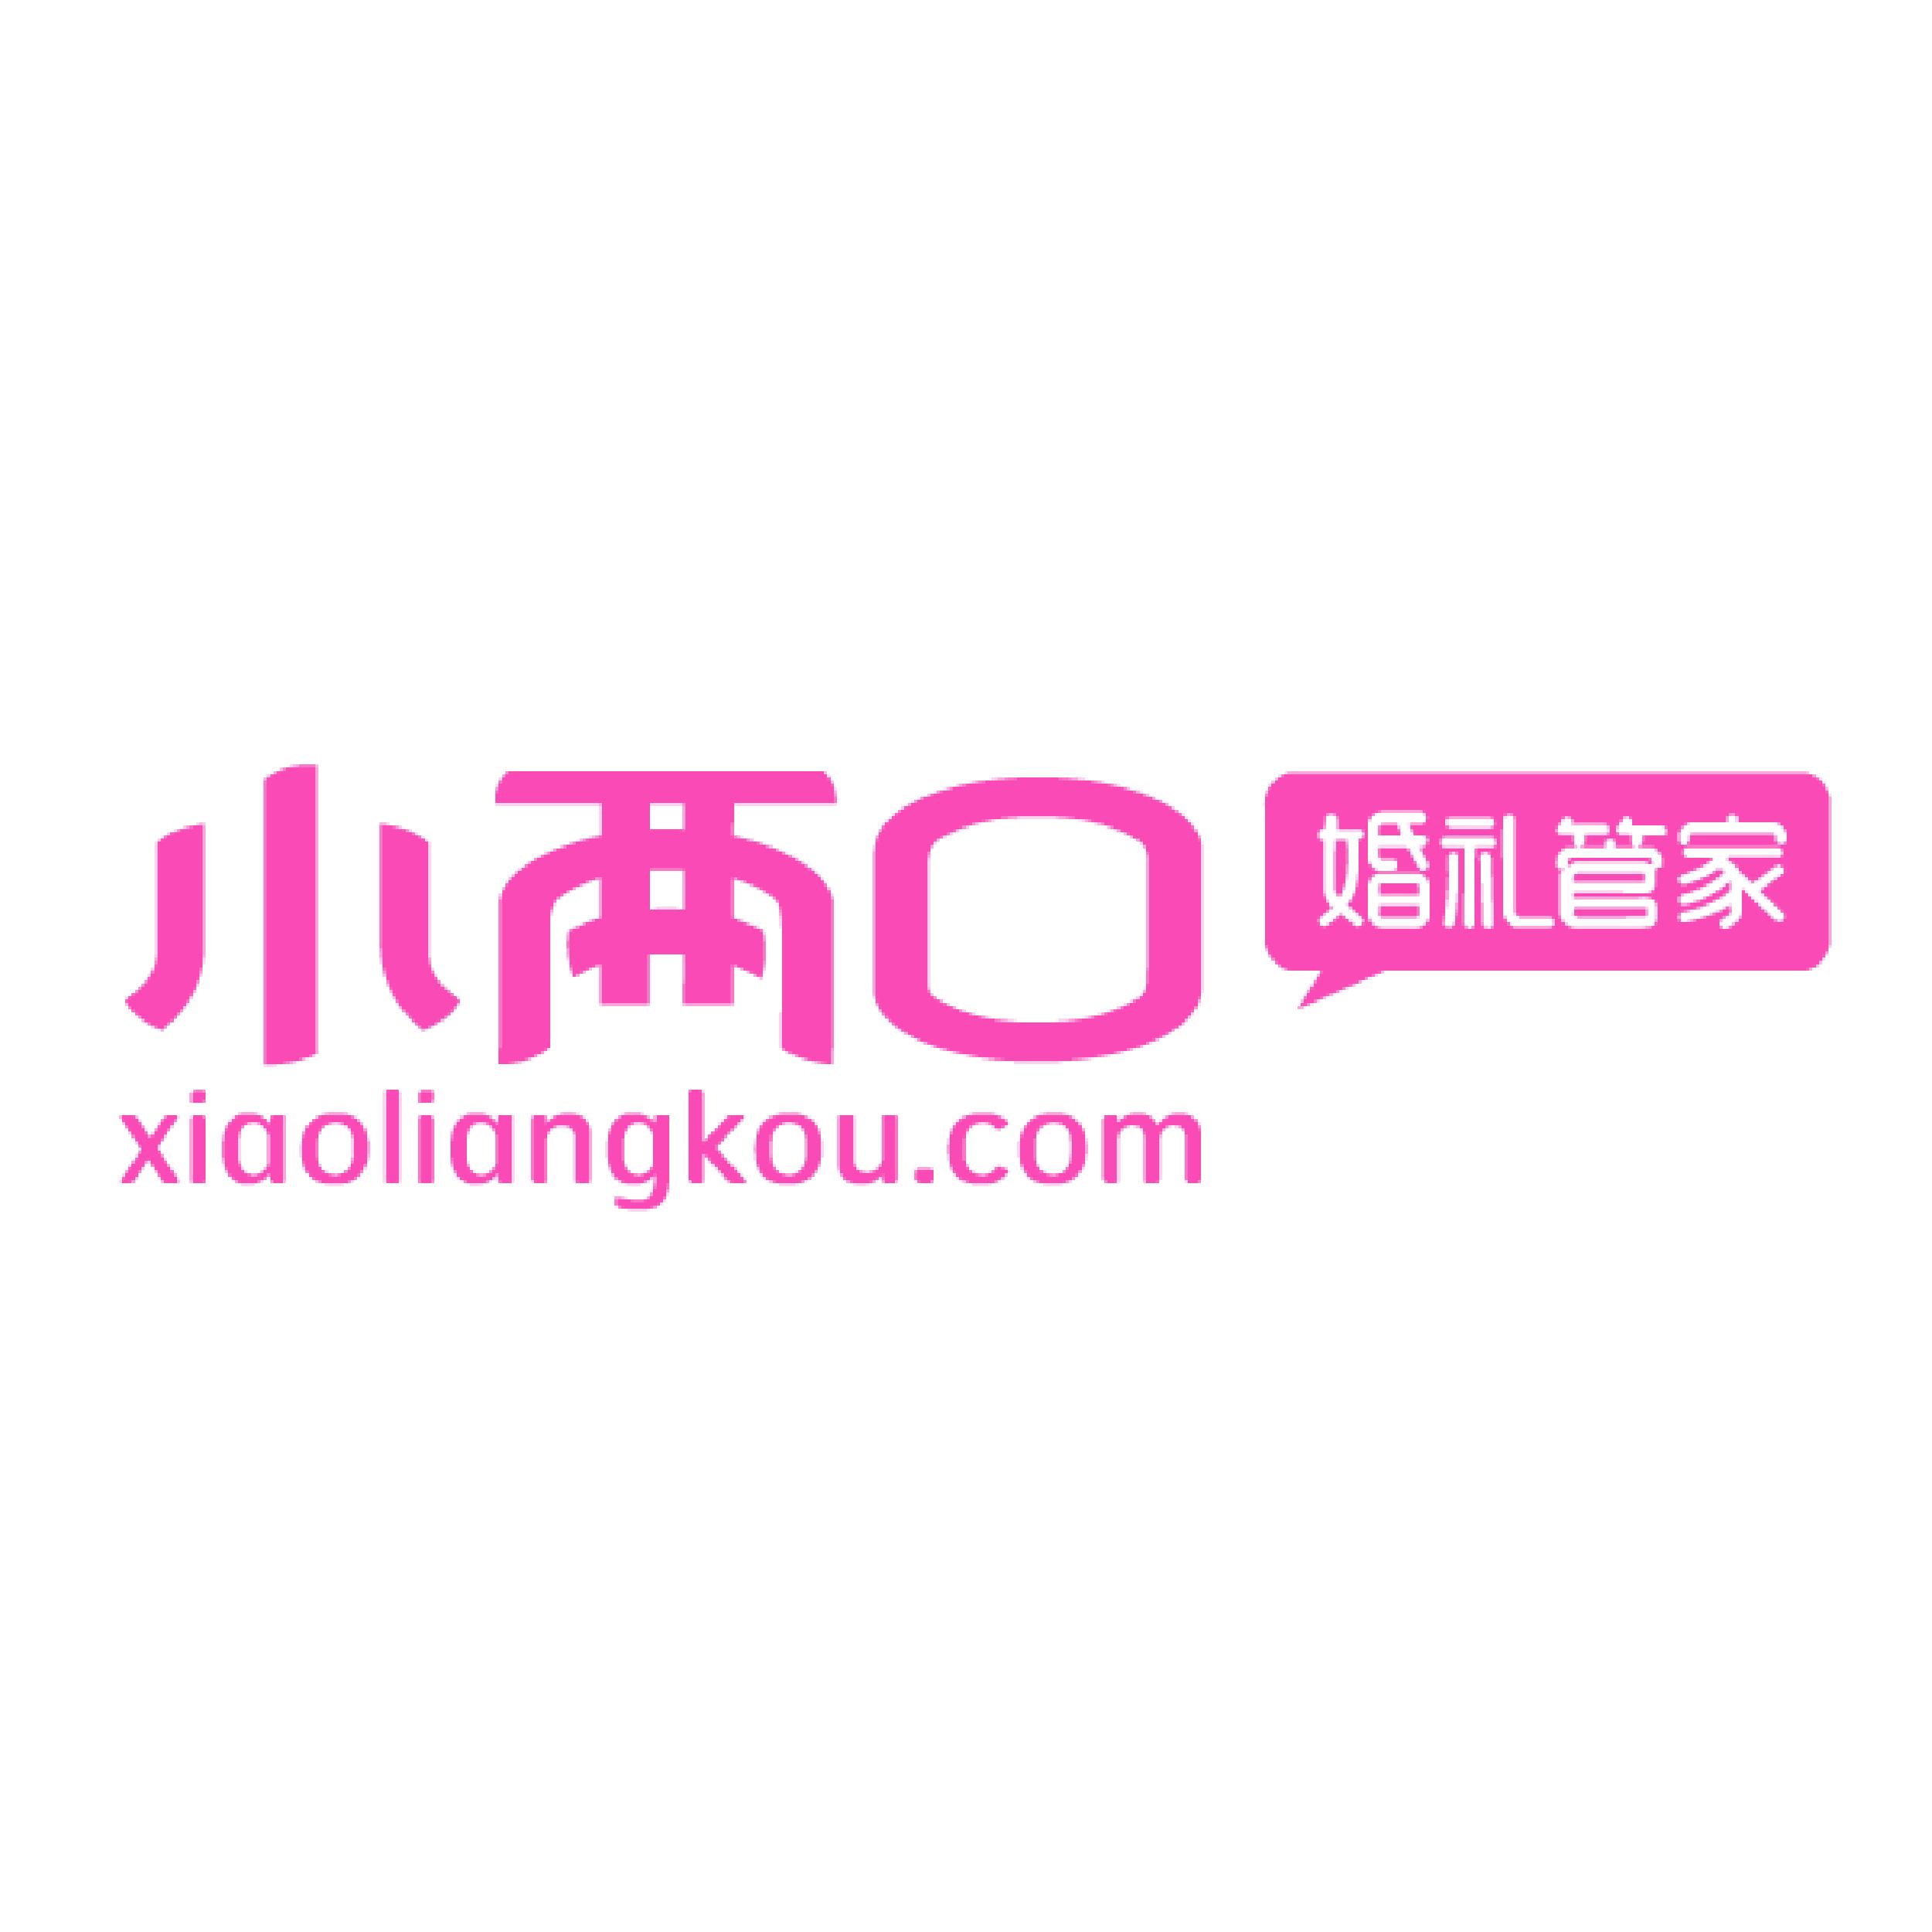 北京百合小两口网络科技有限公司